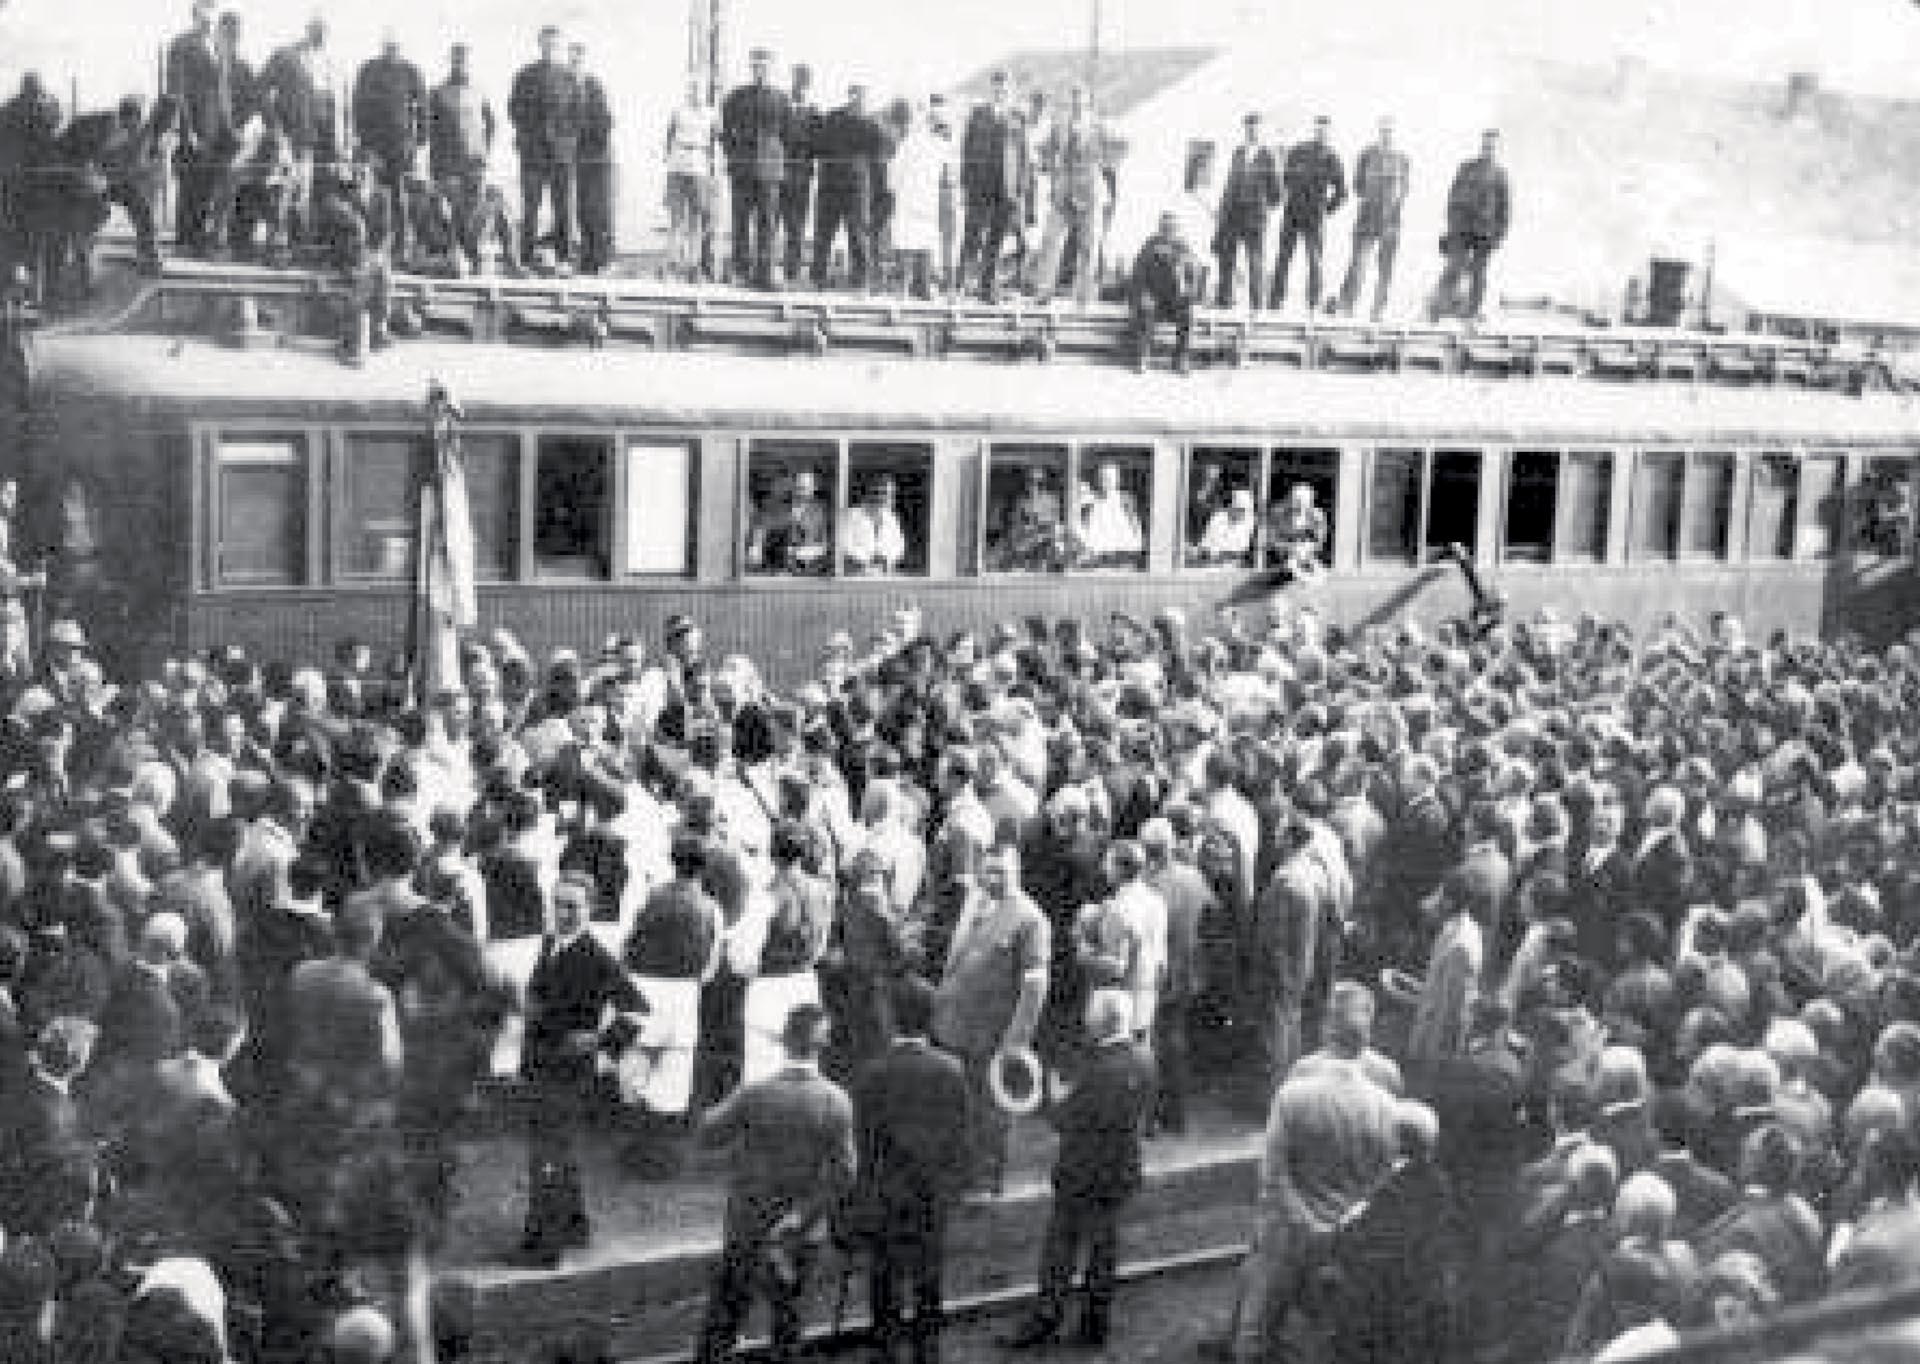 DOLAZAK VLAKA S RANJENIM STJEPANOM RADIĆEM NAKON ŠTO JE NA NJEGA IZVRŠEN ATENTAT U NARODNOJ SKUPŠTINI, U BEOGRADU 1928. GODINE | Foto: IZLOŽBA '120 GODINA HRVATSKE SOCIJALDEMOKRACIJE'